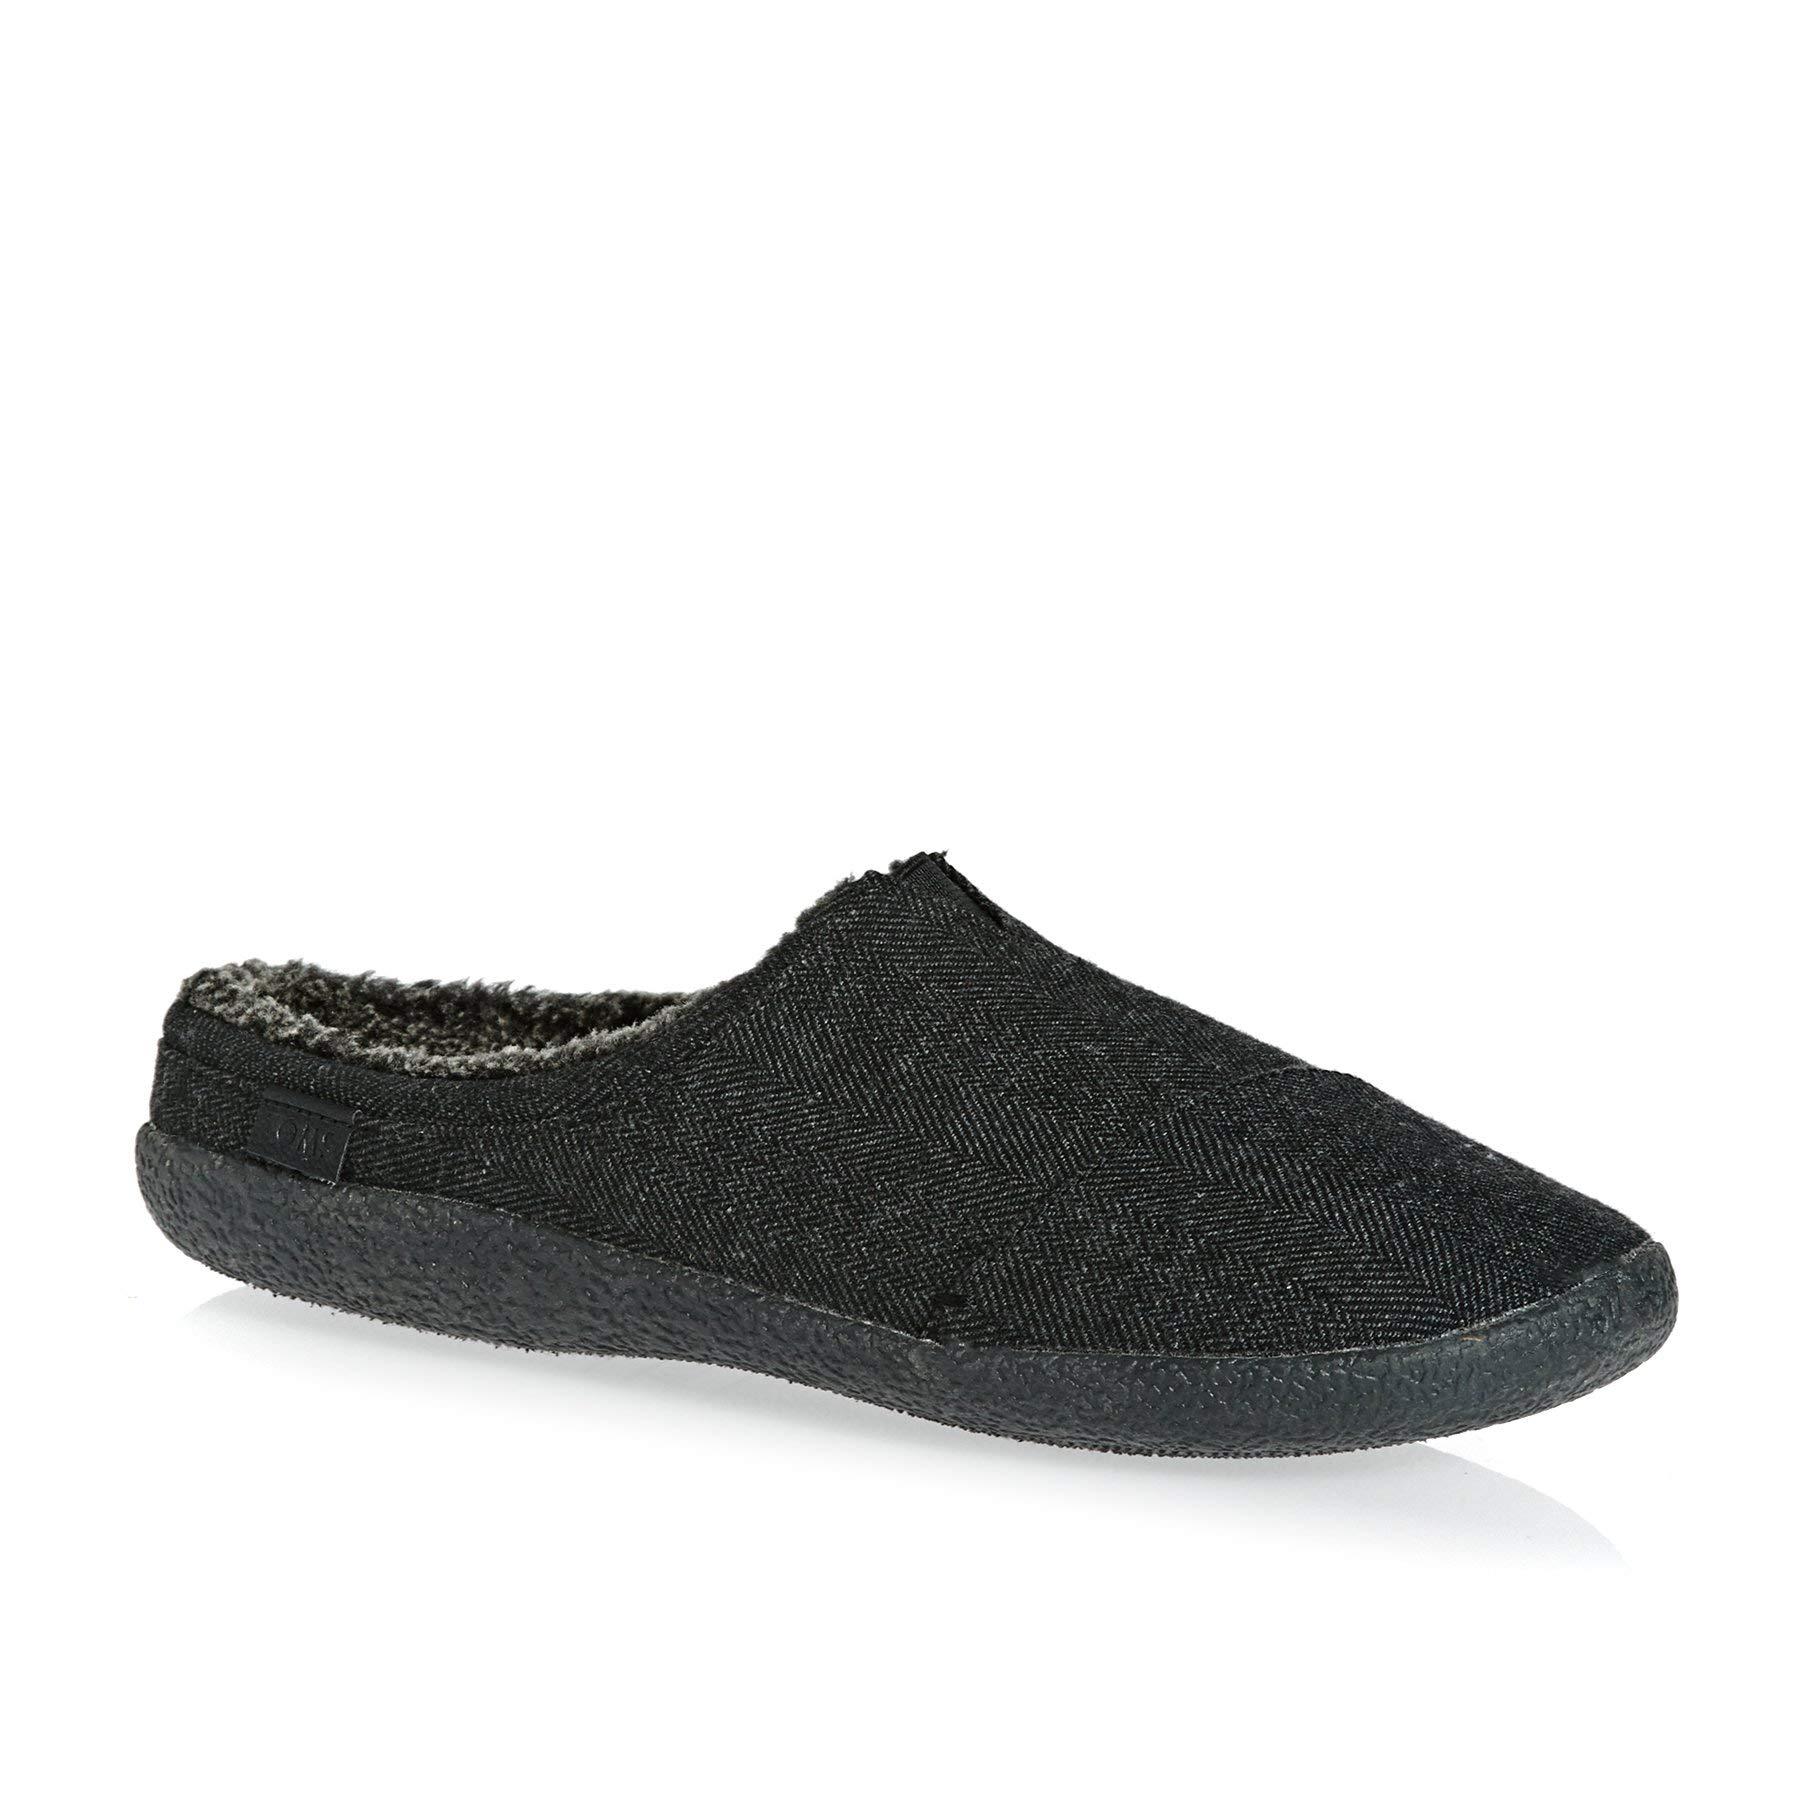 TOMS Men's Berkeley Slipper Black Herringbone Woolen 9 D US